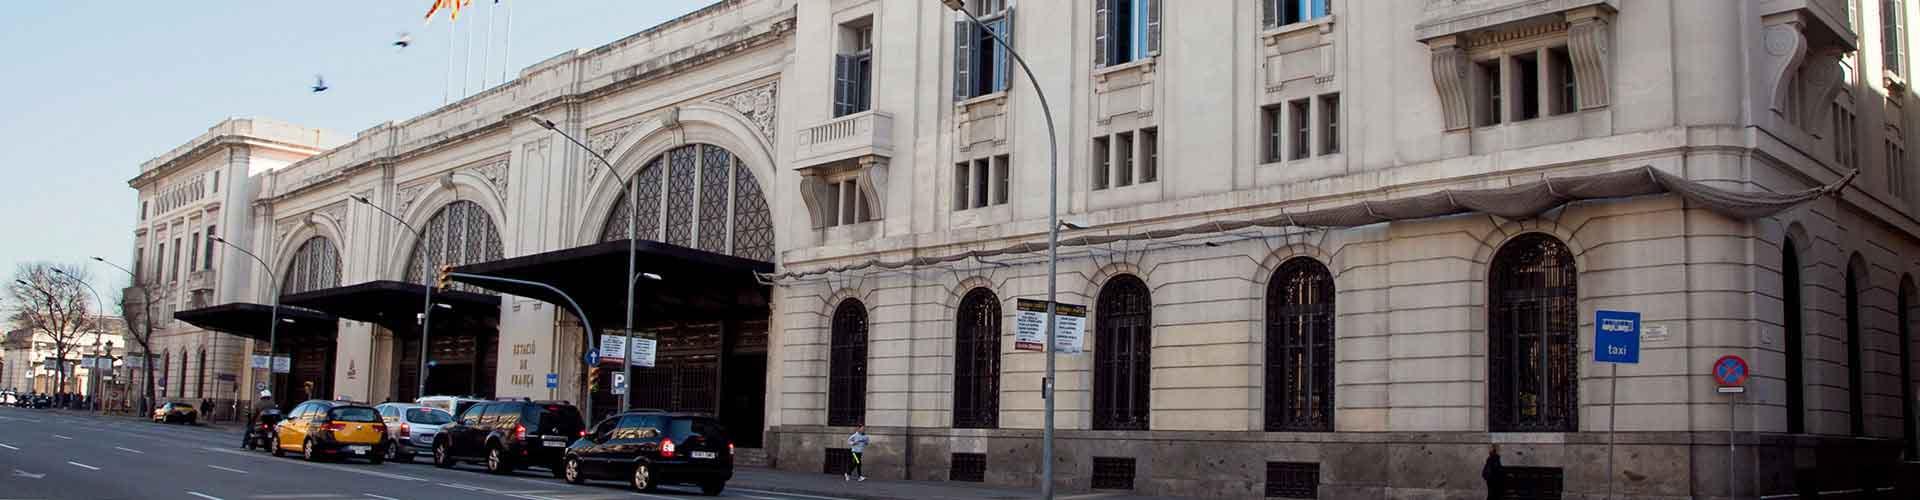 バルセロナ – フランサ駅の近くにあるホステル. 地図 バルセロナ, すべてのホステルの写真とレビュー バルセロナ.